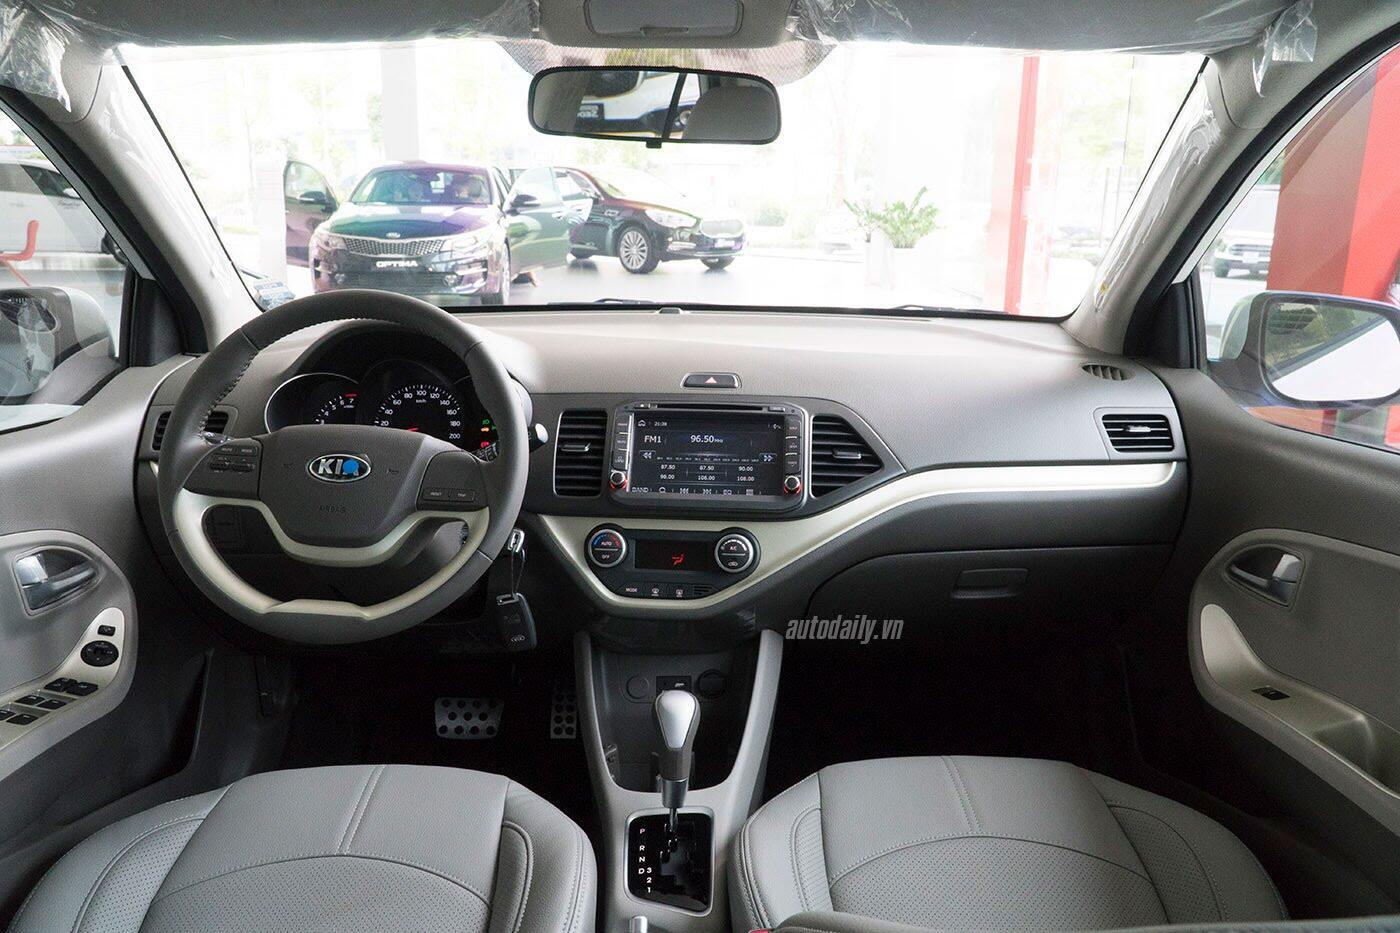 Có 400 triệu đồng, mua Hyundai Grand i10 hay Kia Morning? - Hình 11